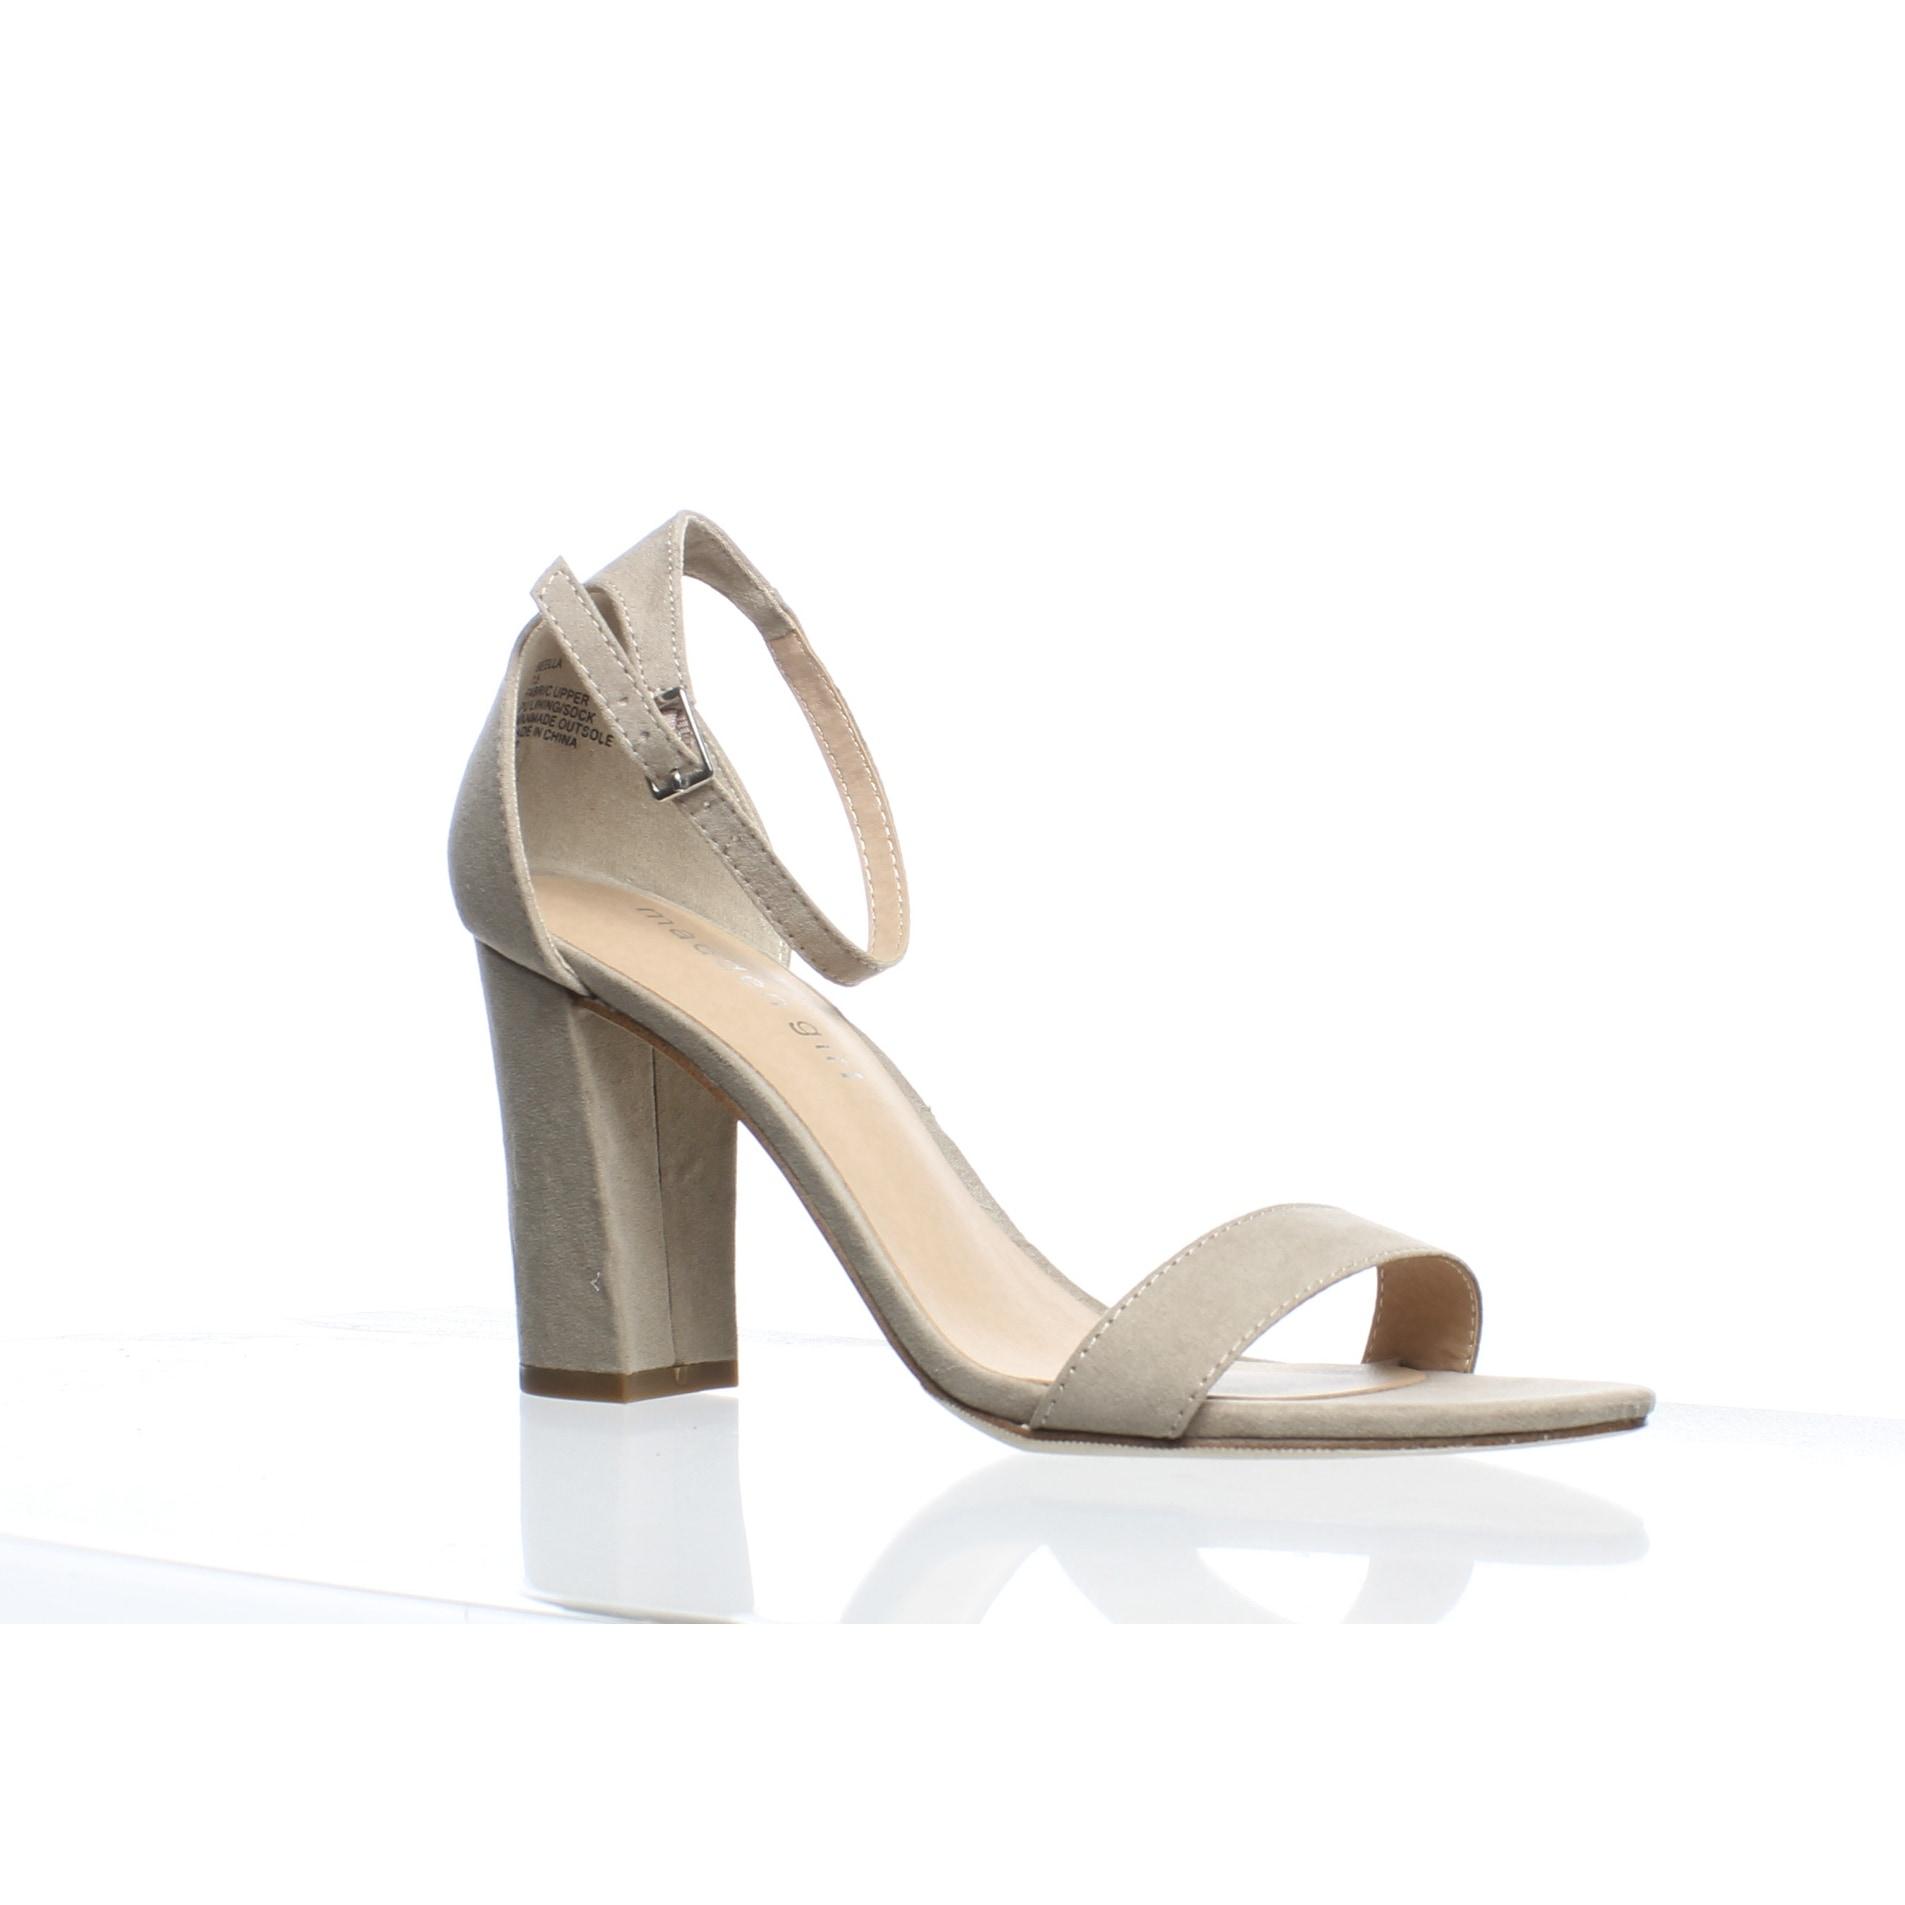 247efa91de9 Buy Madden Girl Women s Heels Online at Overstock